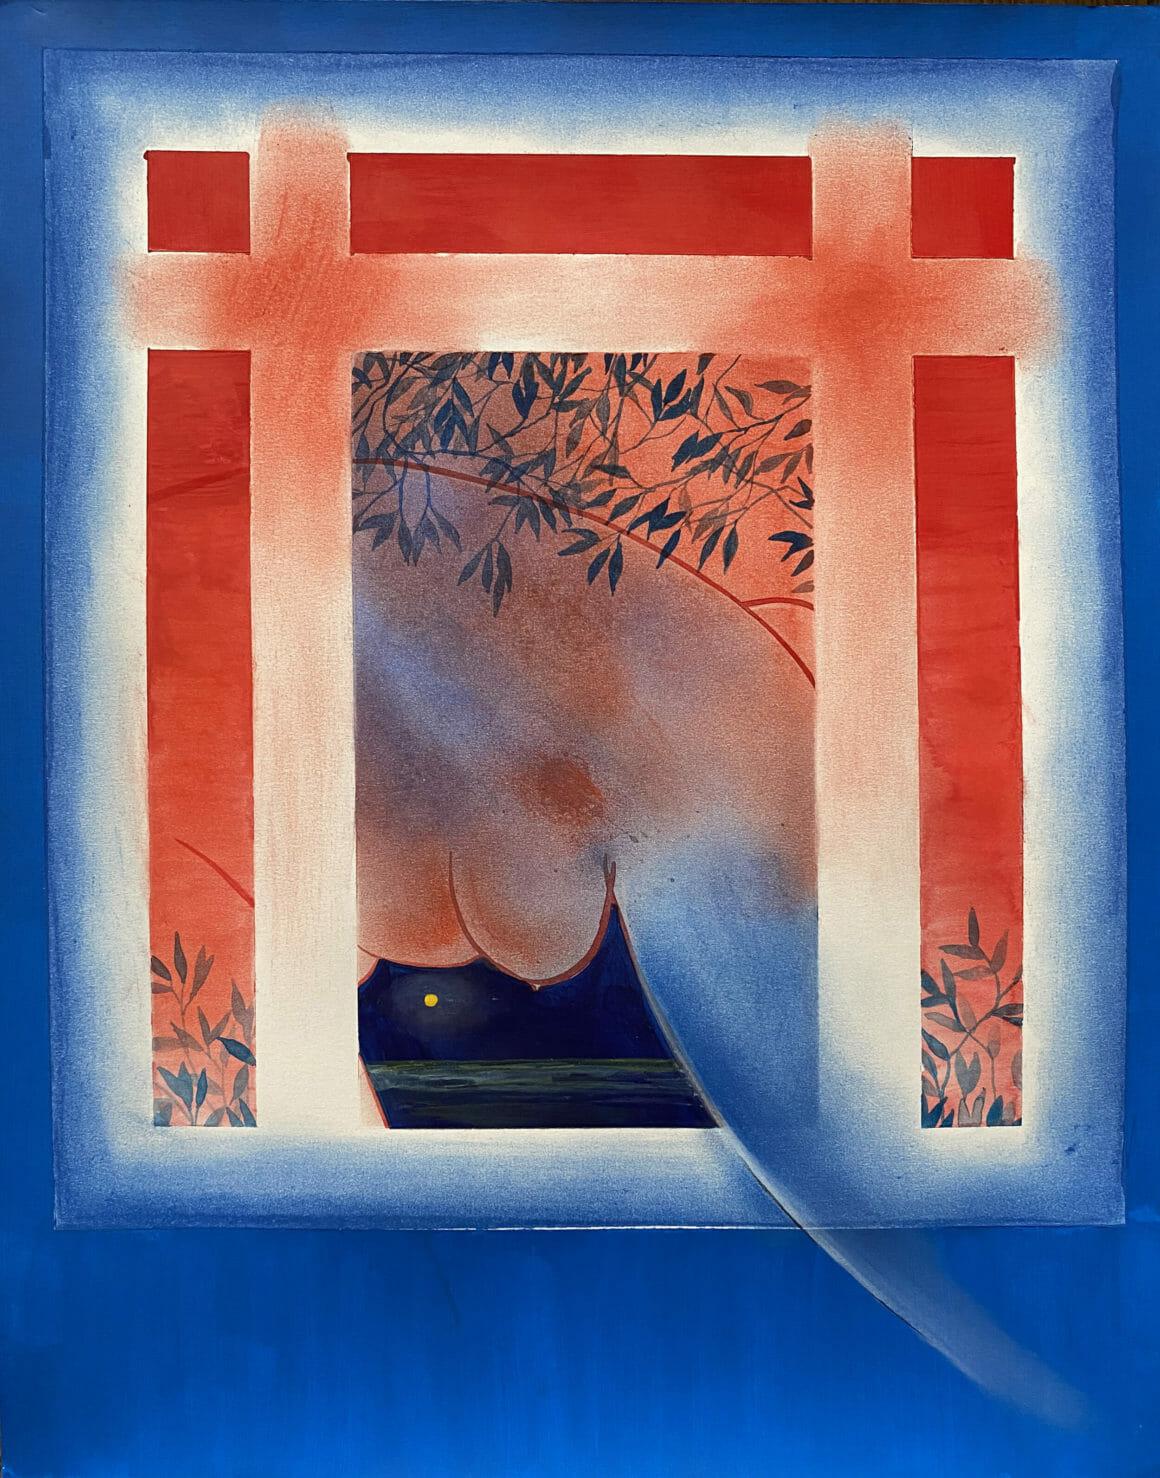 Corps rouge par la fenêtre entouré de bleu